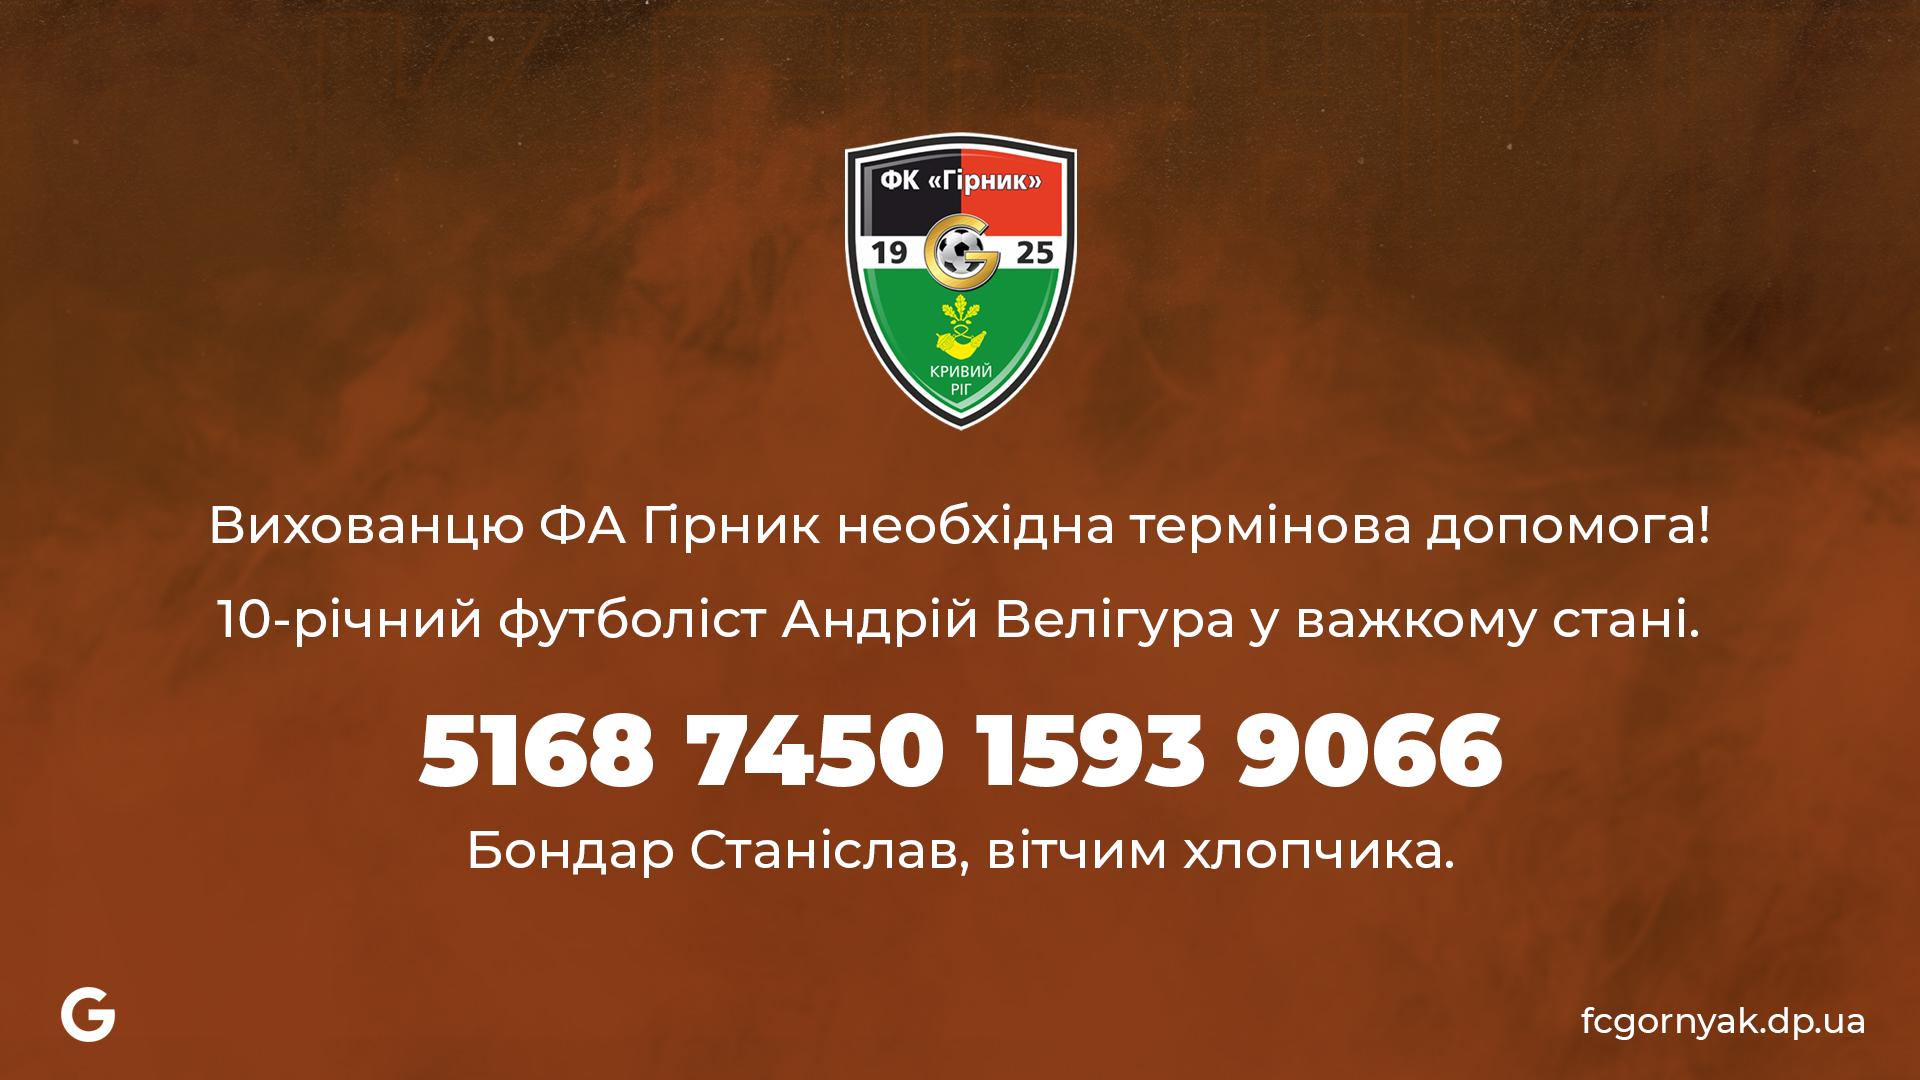 """ФК """"Горняк"""" просит помочь воспитаннику ФА """"Горняк"""""""